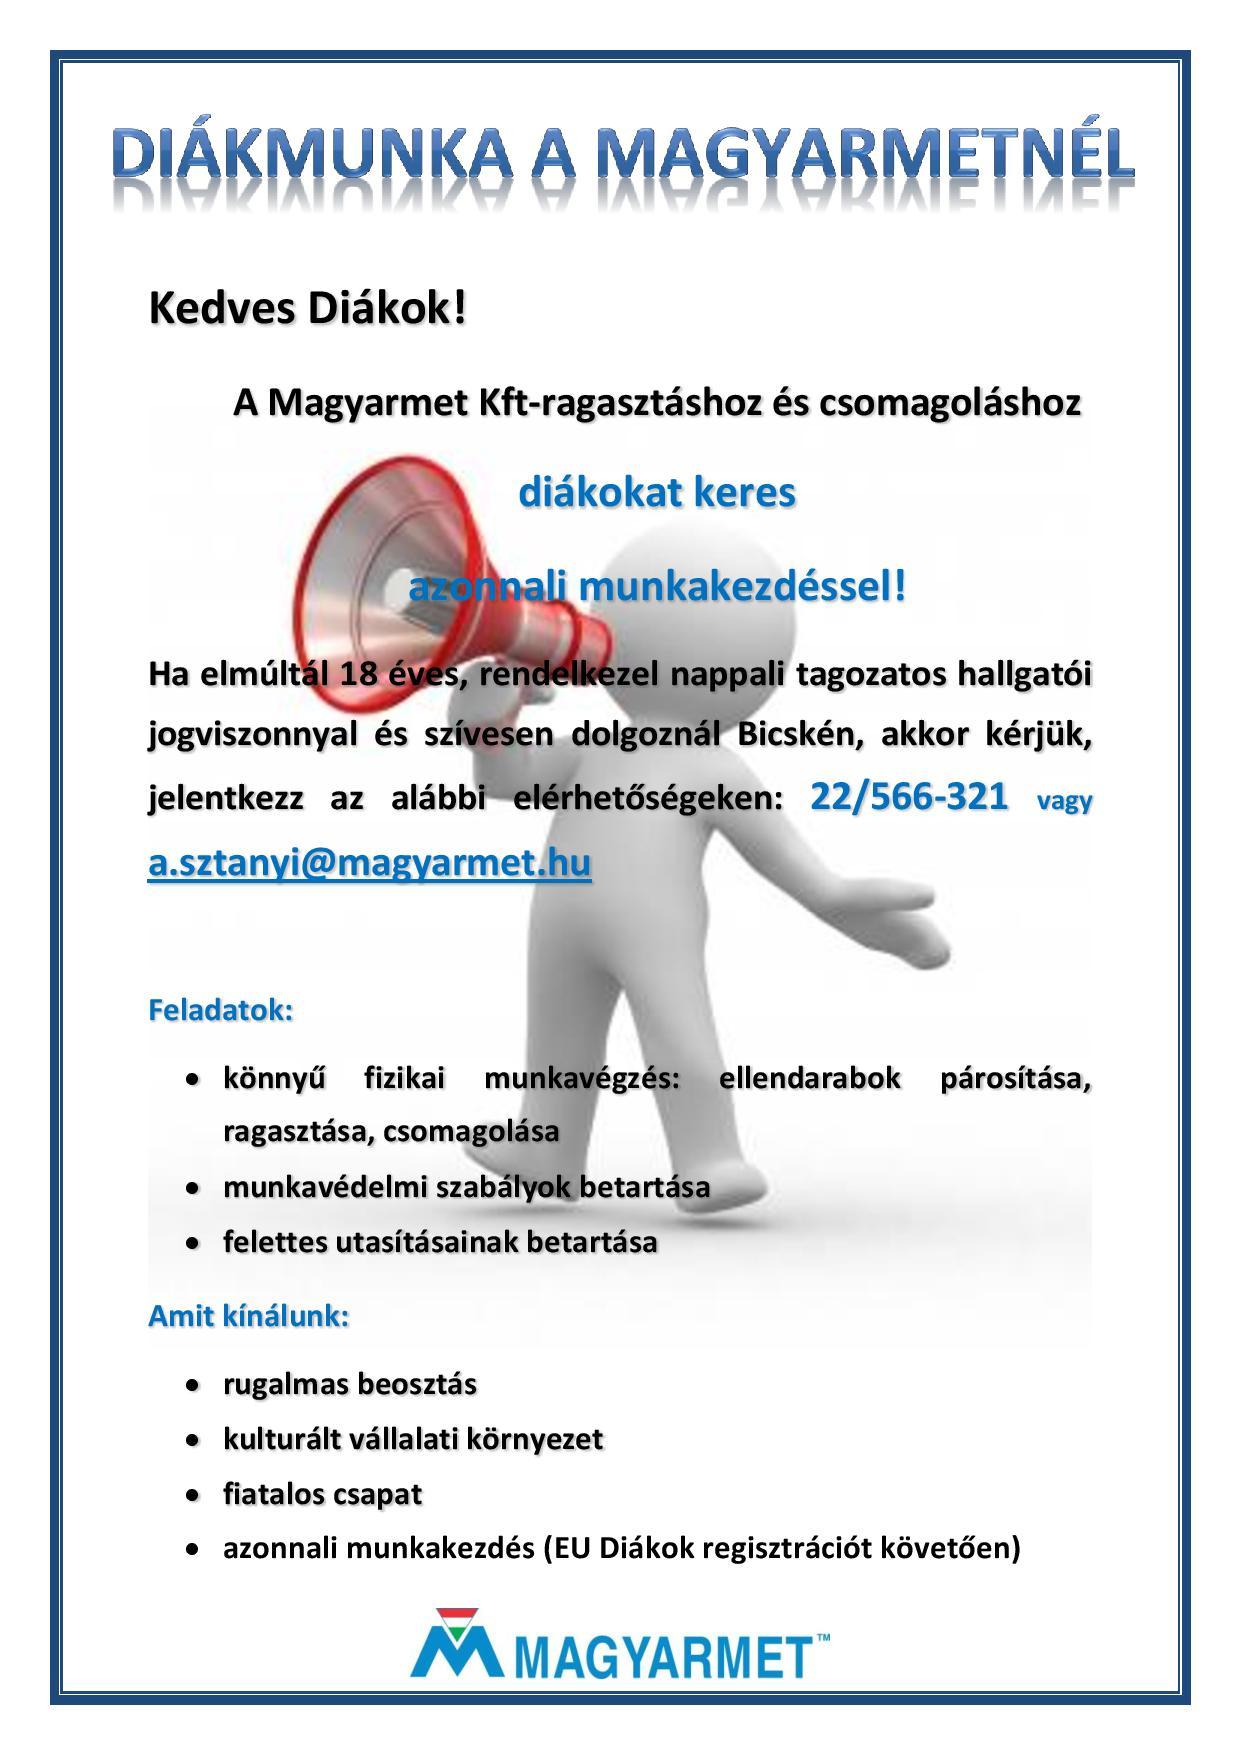 diakmunka_a_magyarmetnel_gimi-page-001.jpg